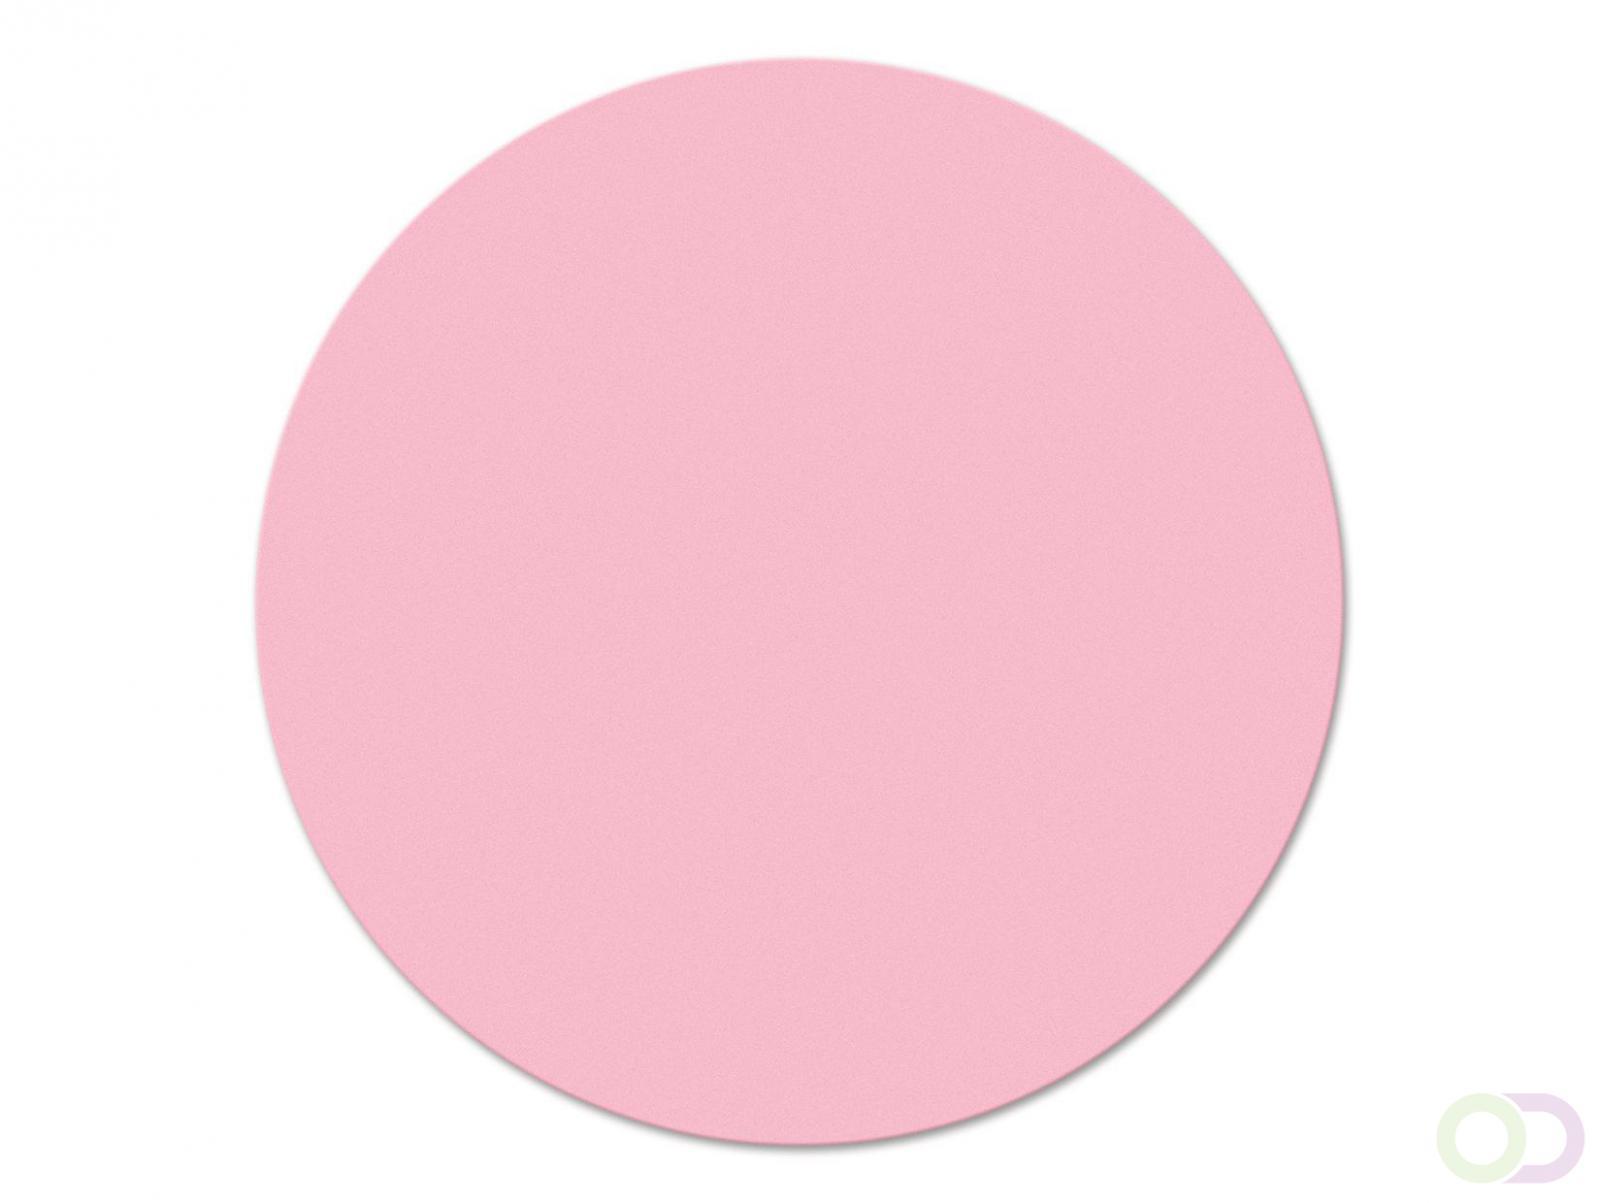 Ronde kaarten 19 cm, 500 stuks roze